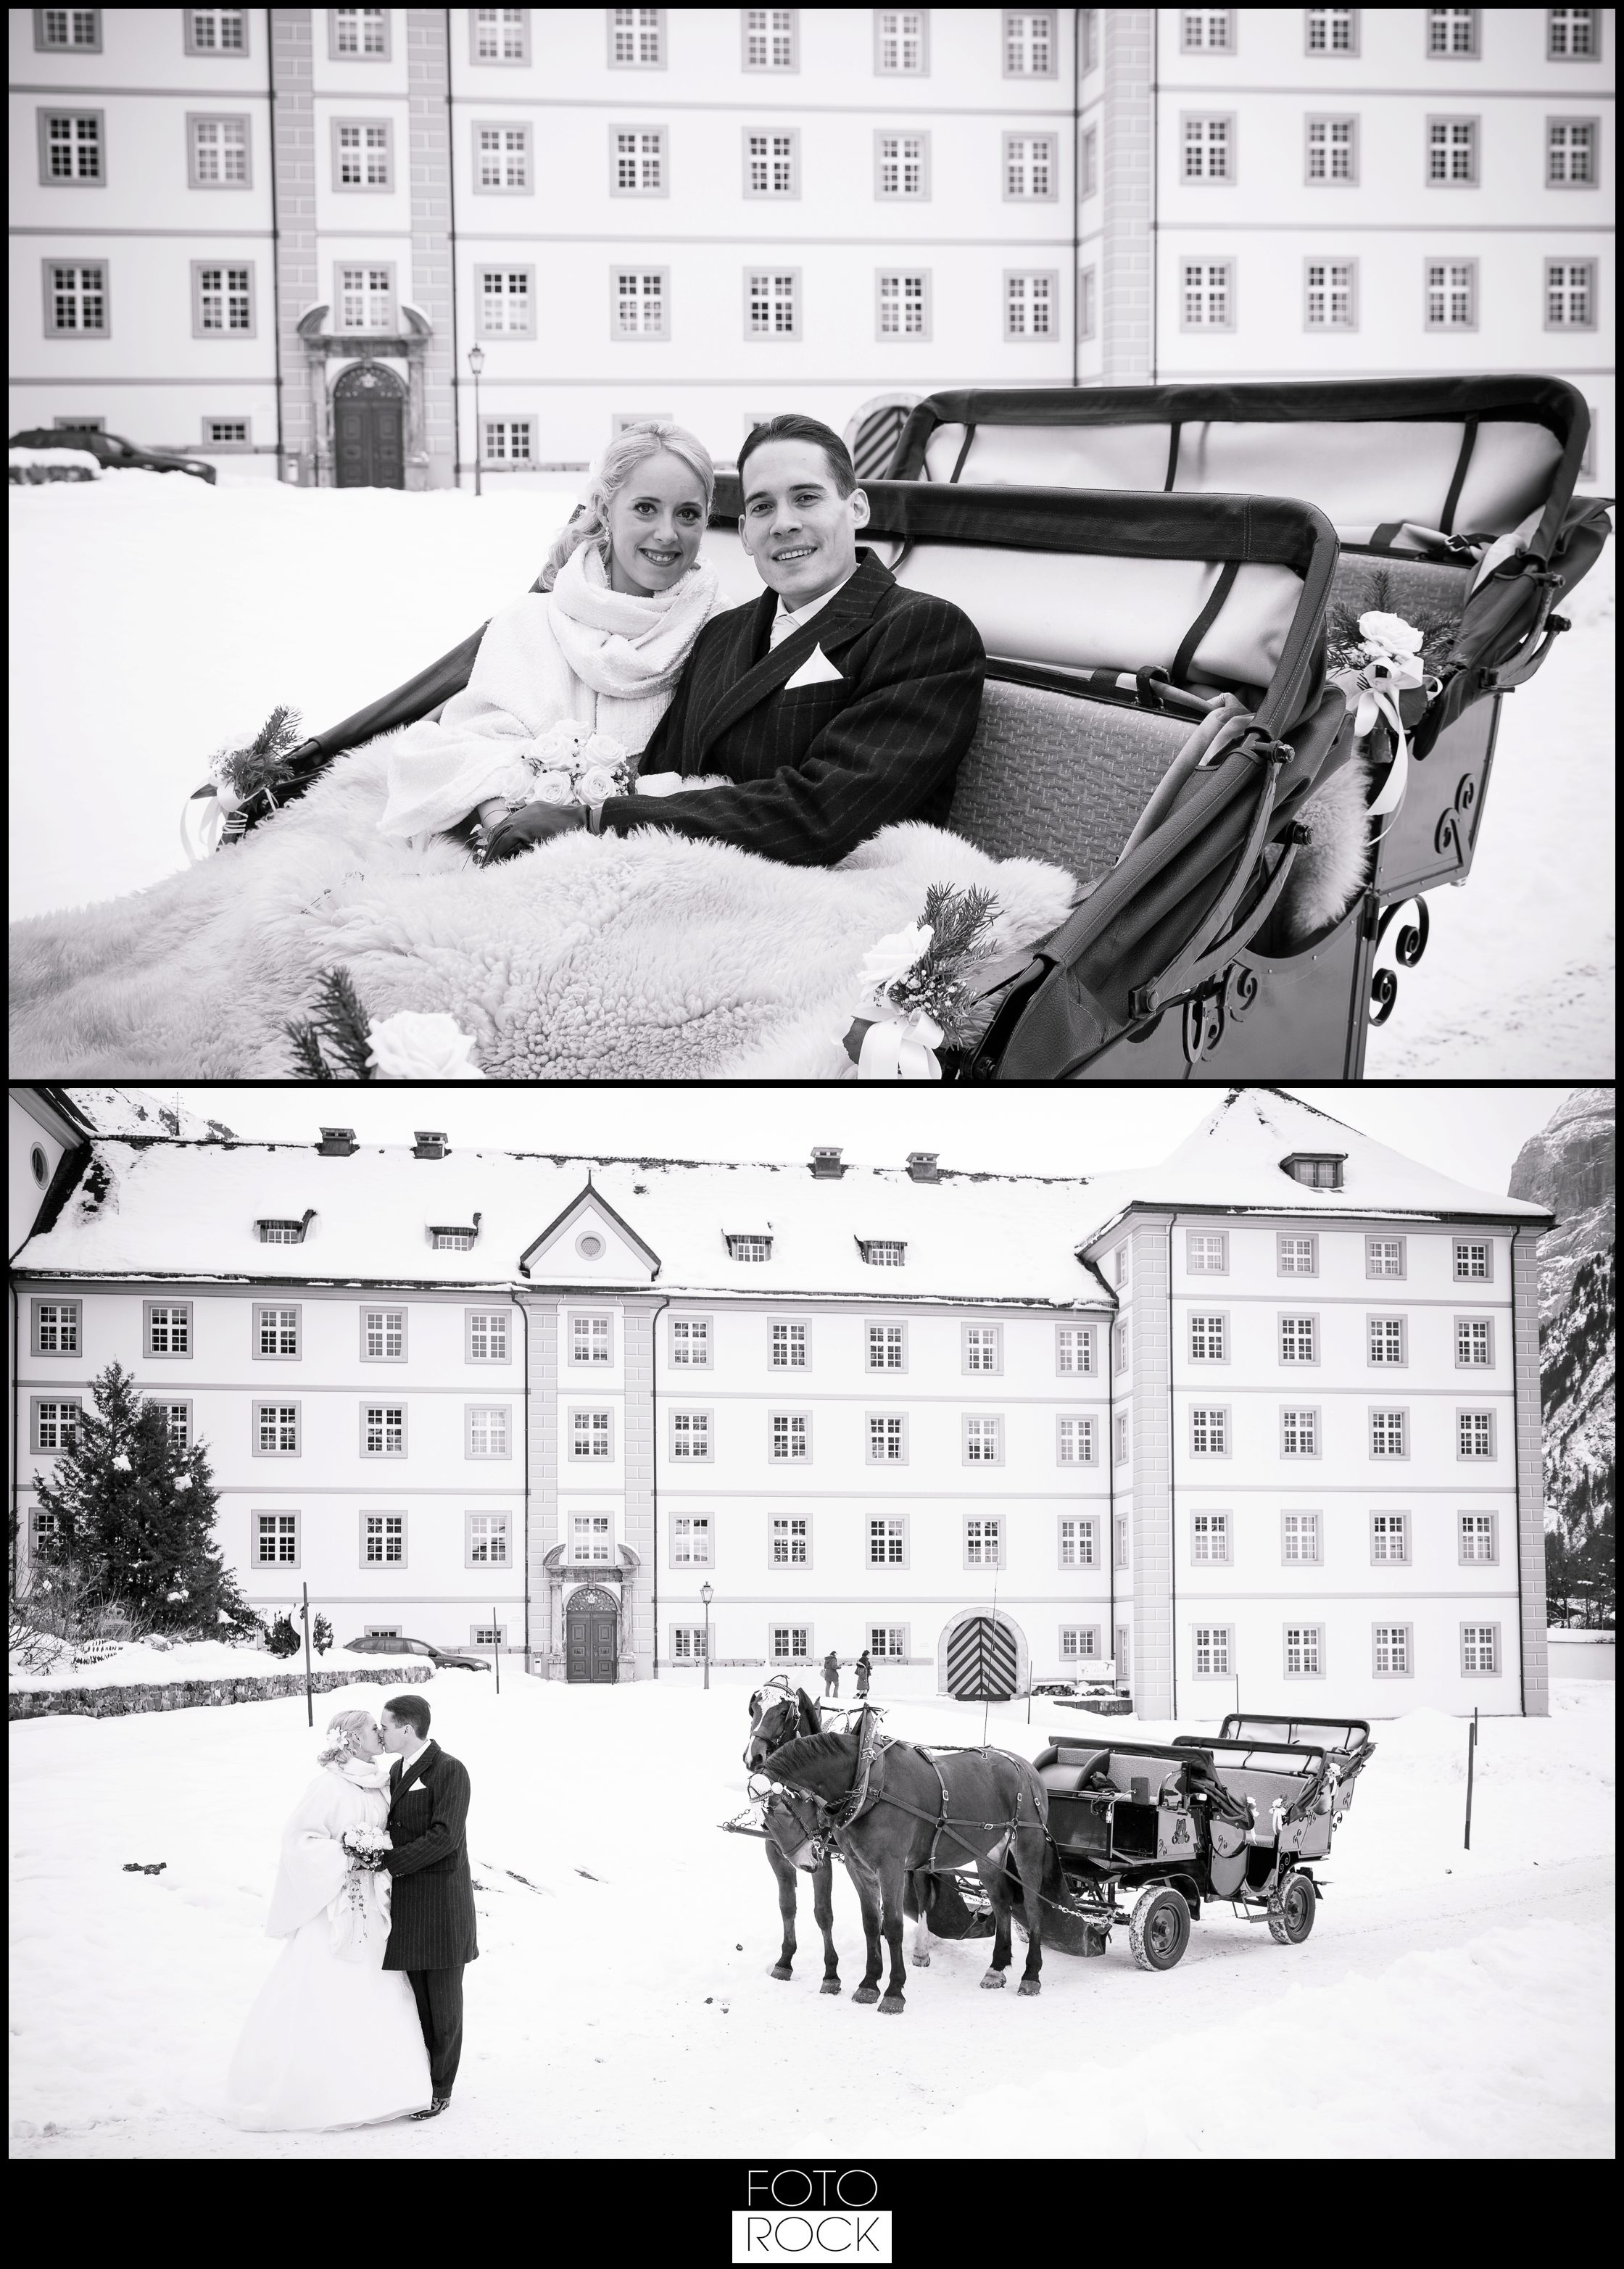 Hochzeit Winter Engelberg Pferde Kutsche Brautpaar Kloster